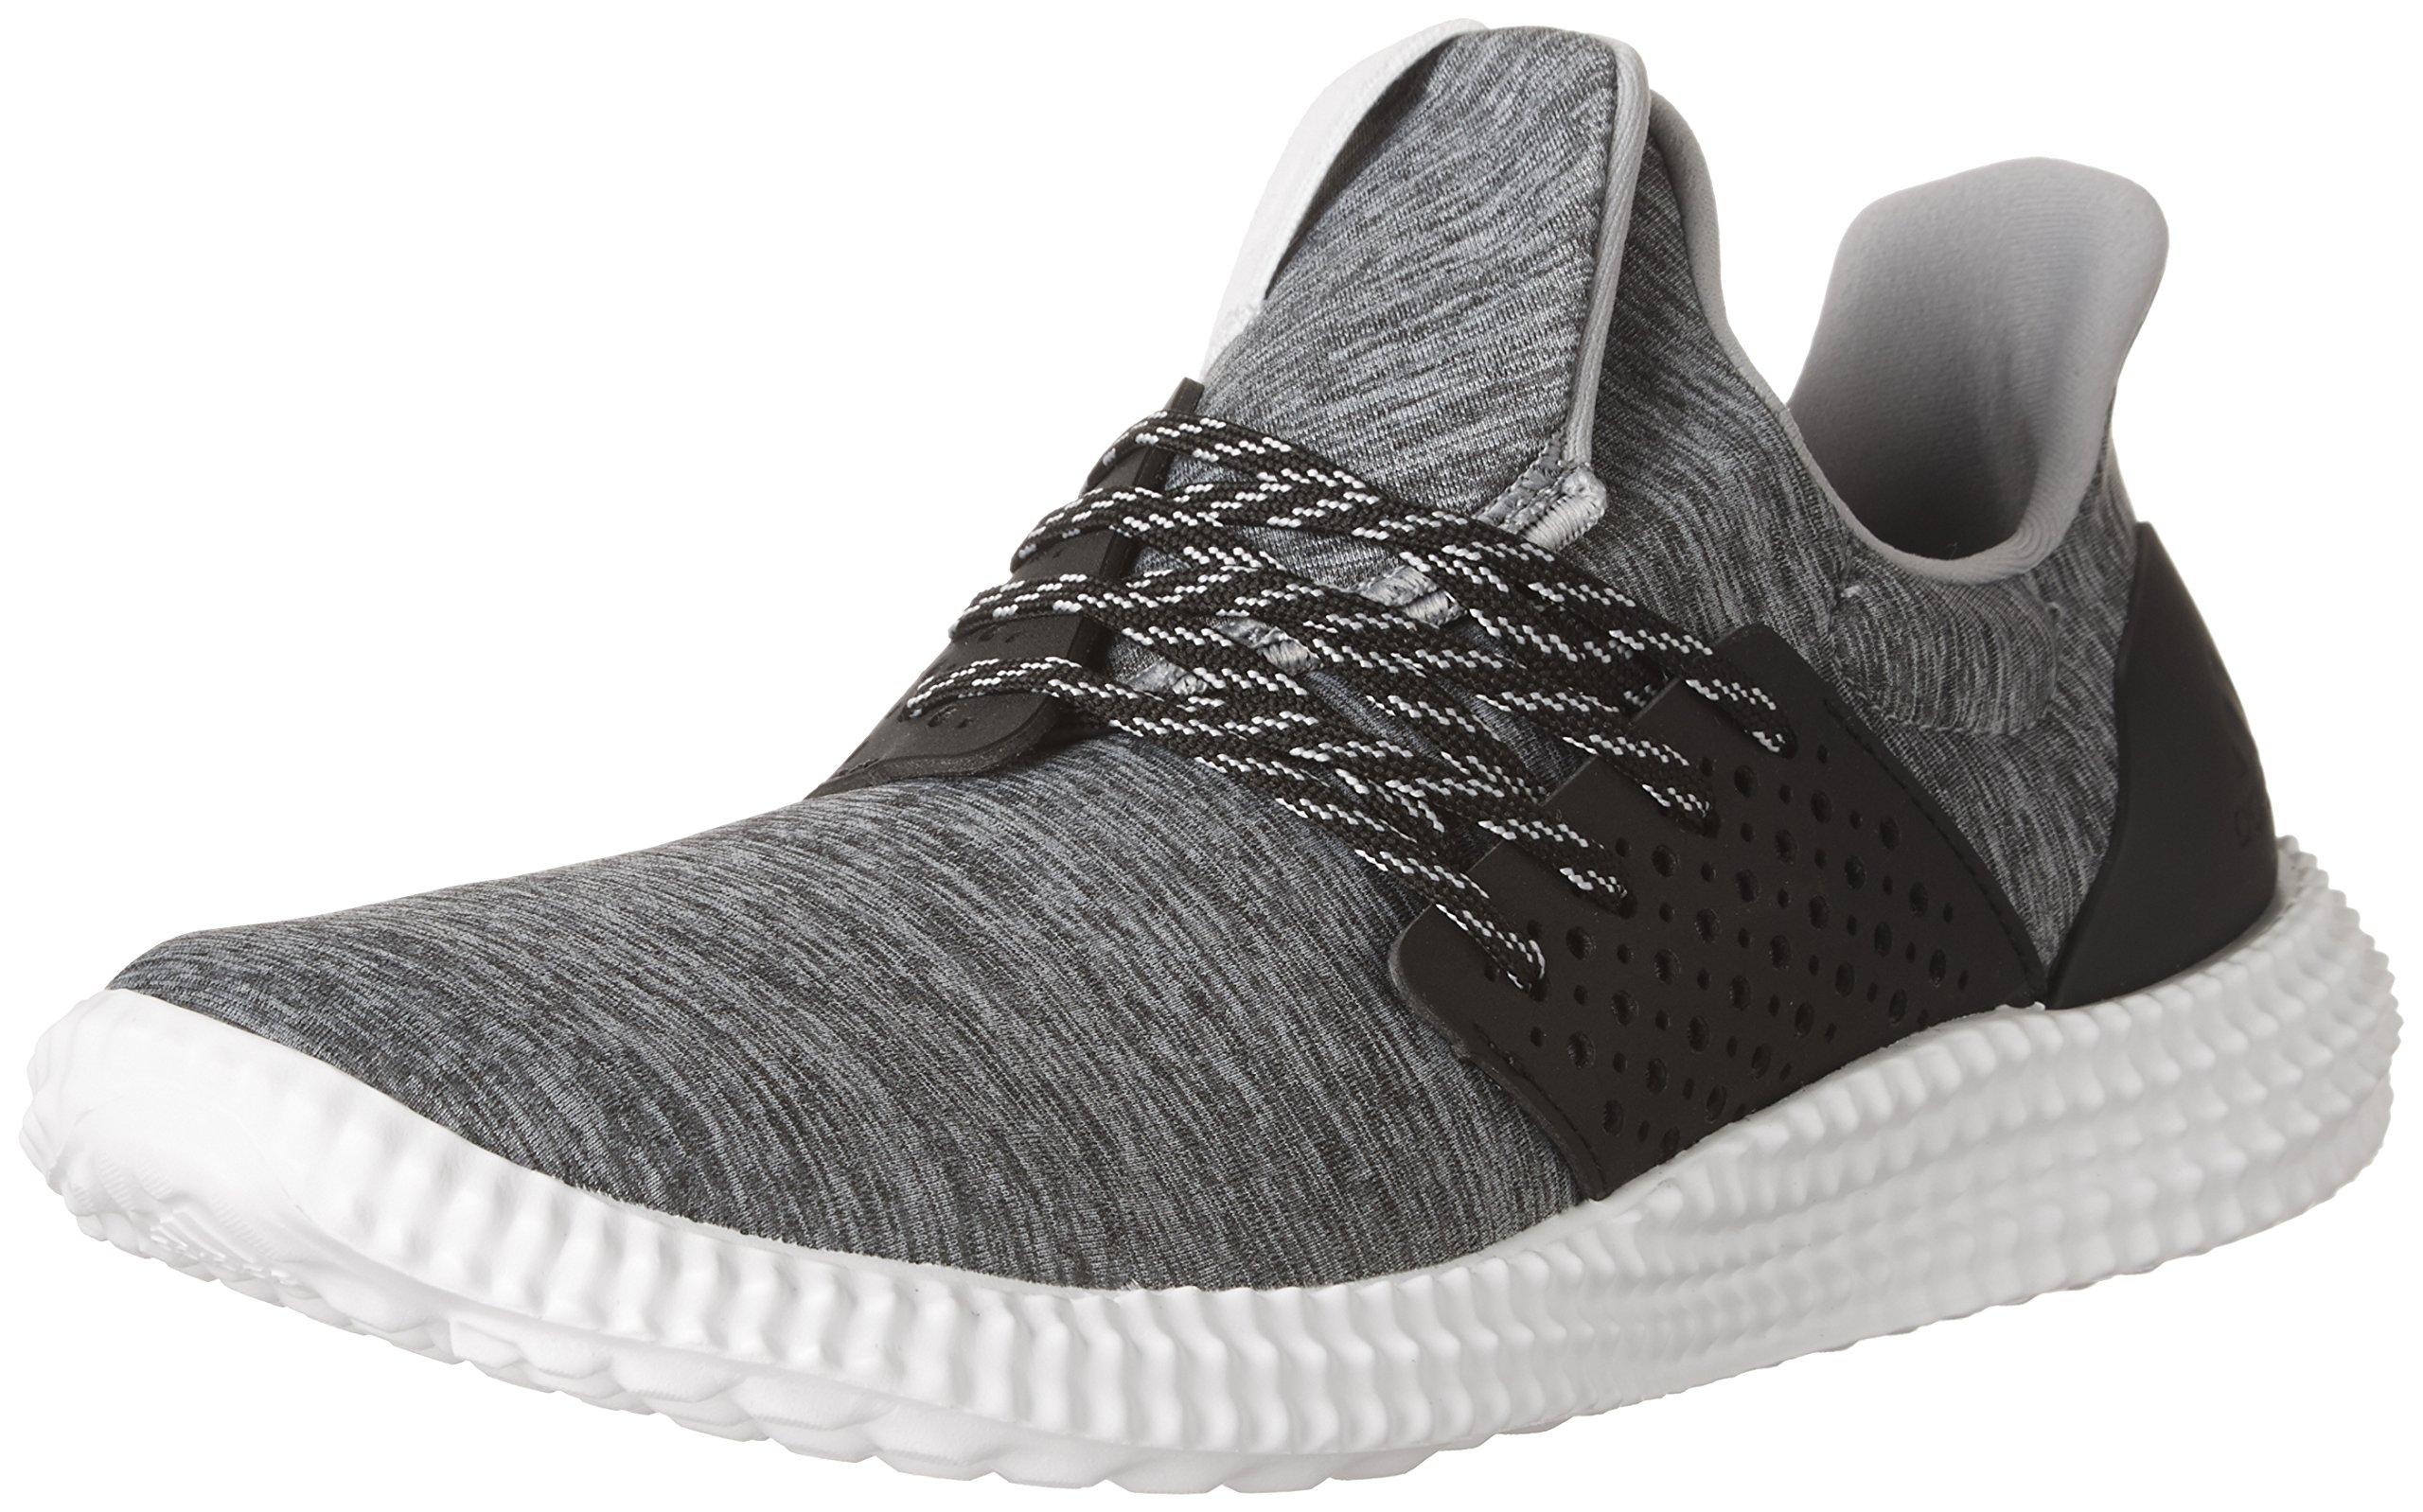 adidas Women's Shoes | Athletics 24/7 Training, Medium Heather Grey/Crystal White/Black, (6.5 M US)